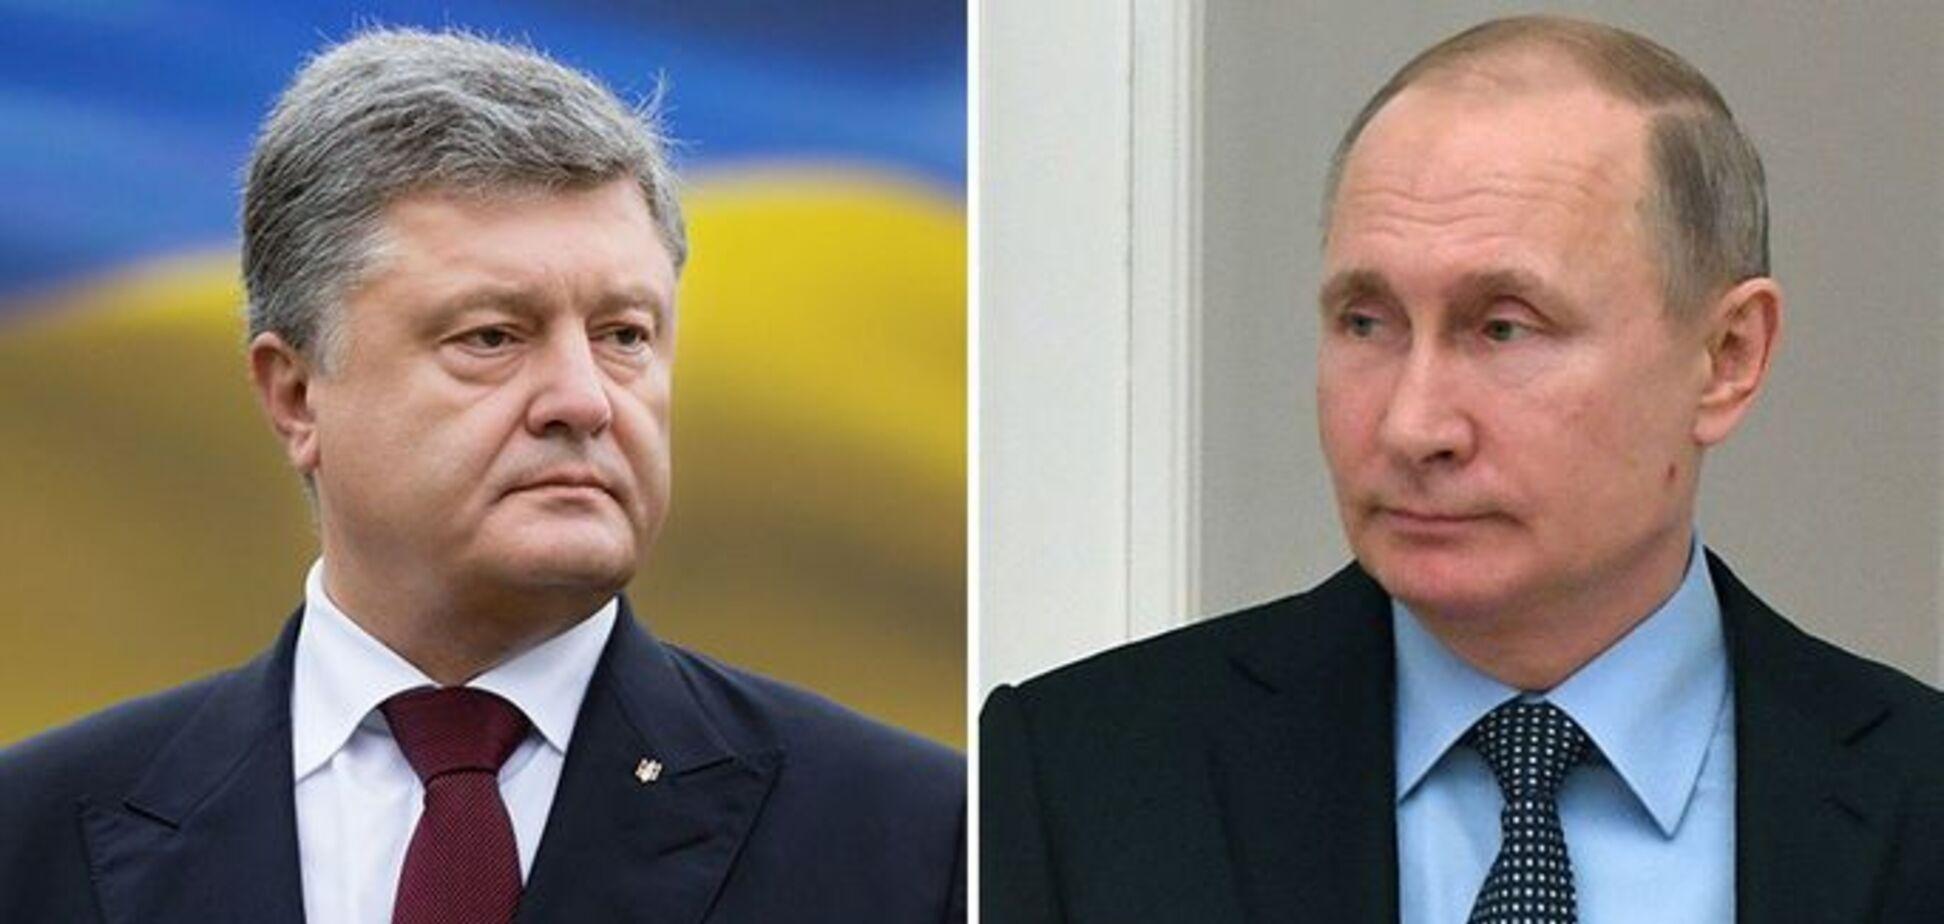 ''Переграв Путіна'': український дипломат назвав головне досягнення Порошенка і підтримав його